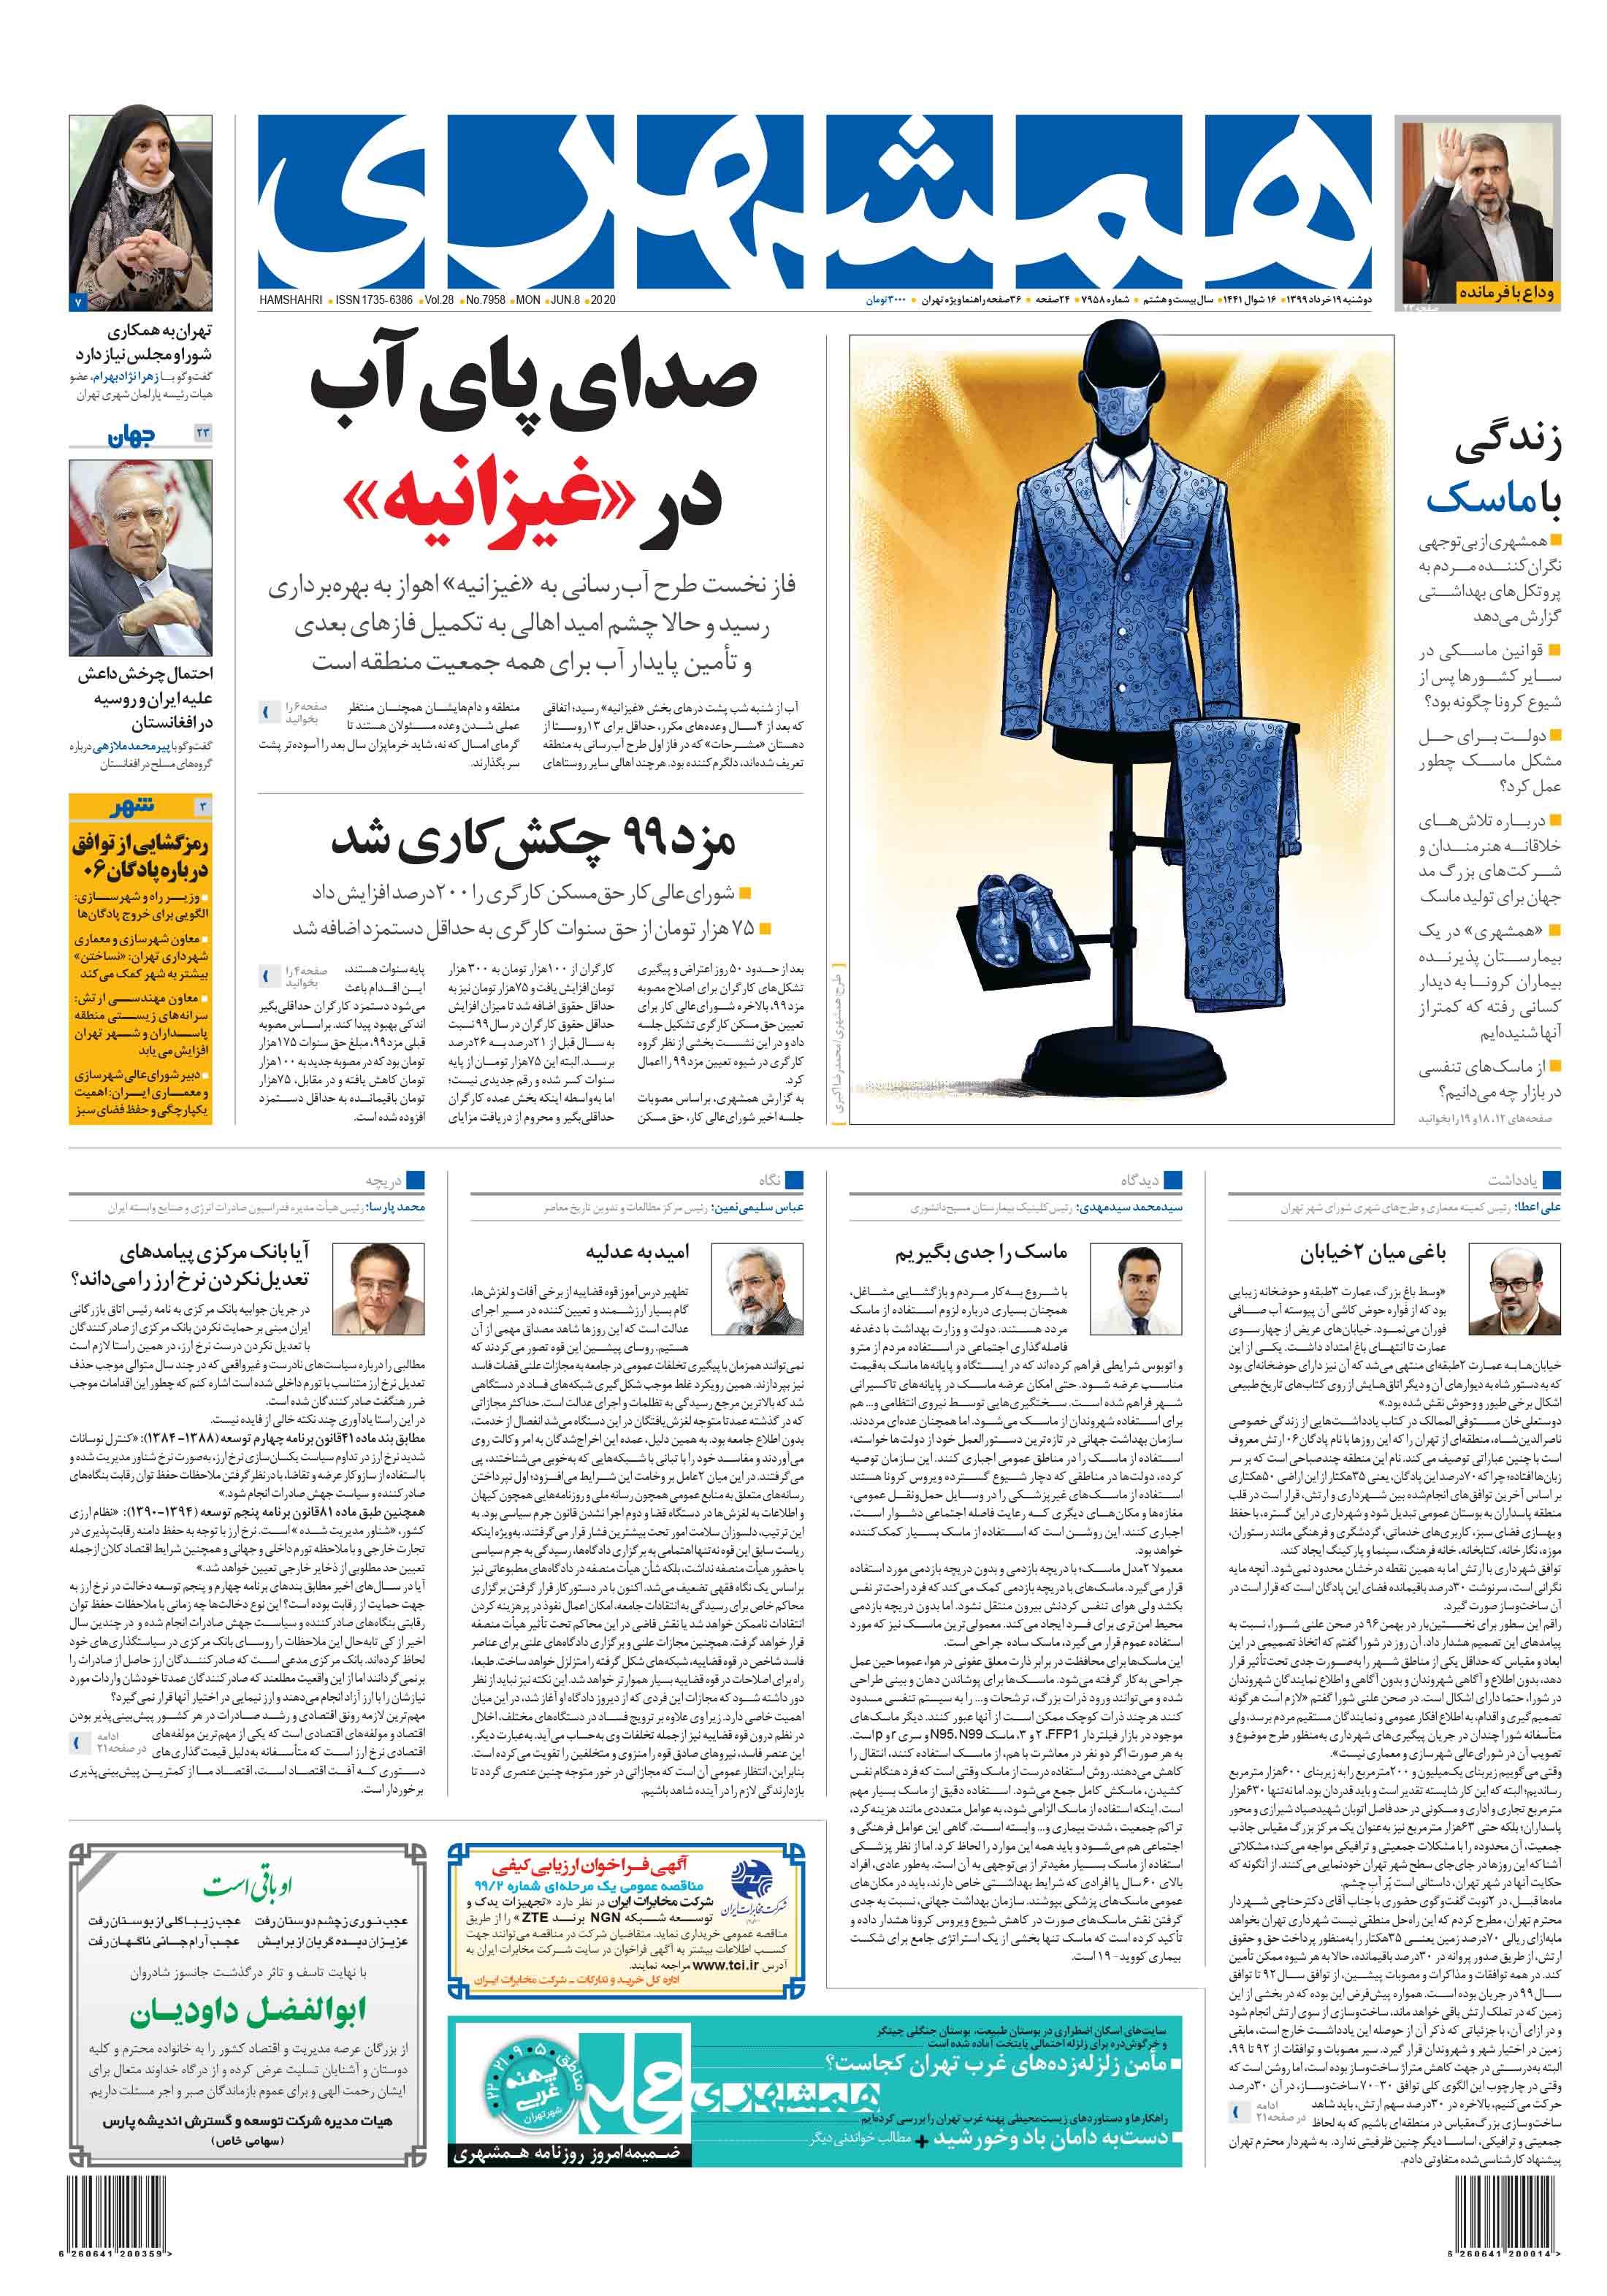 صفحه اول دوشنبه 19 خرداد 1399